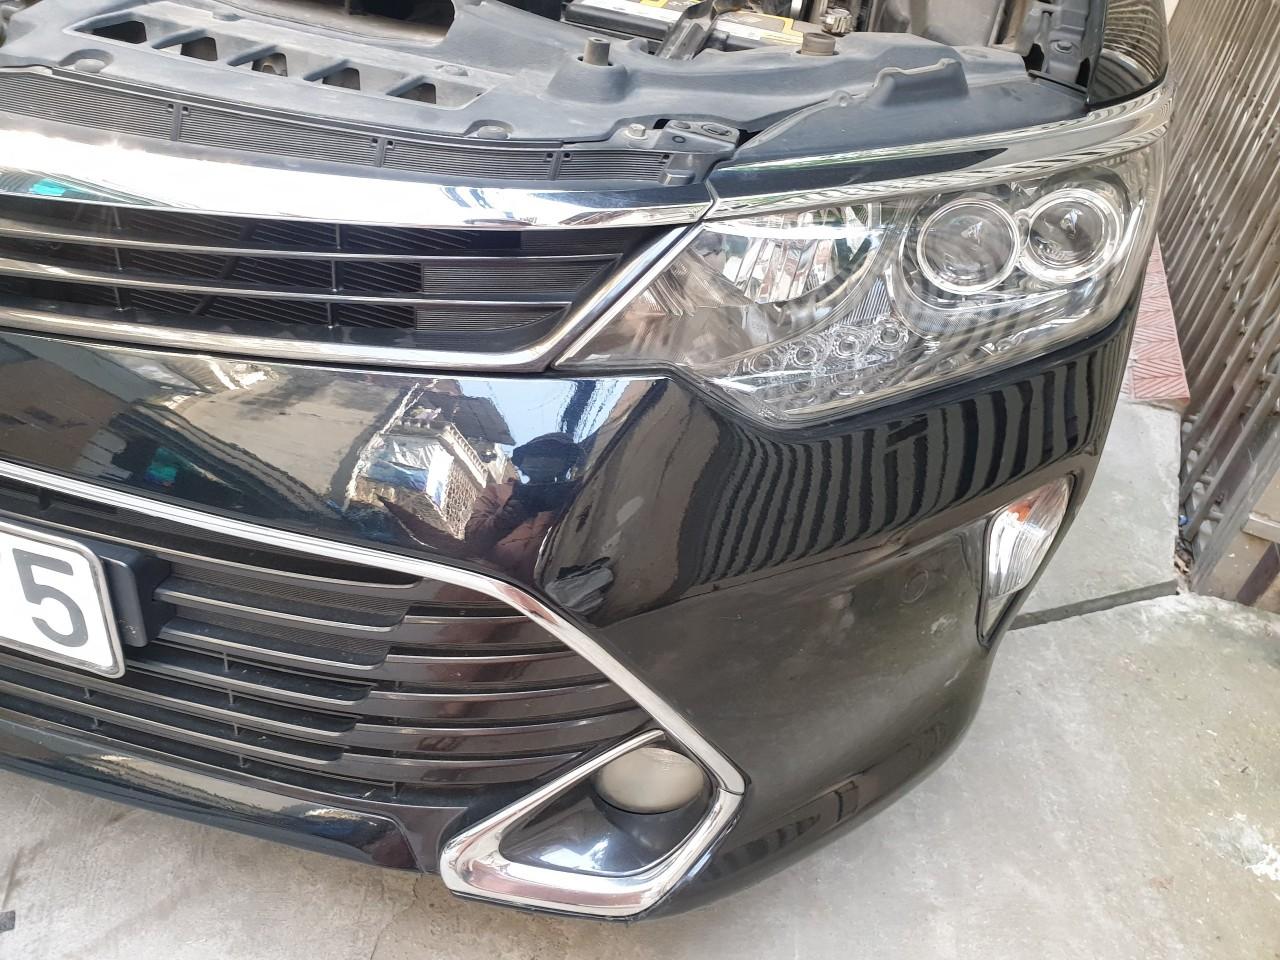 Cần bán xe Toyota Camry đời 2018, màu đen, số tự động